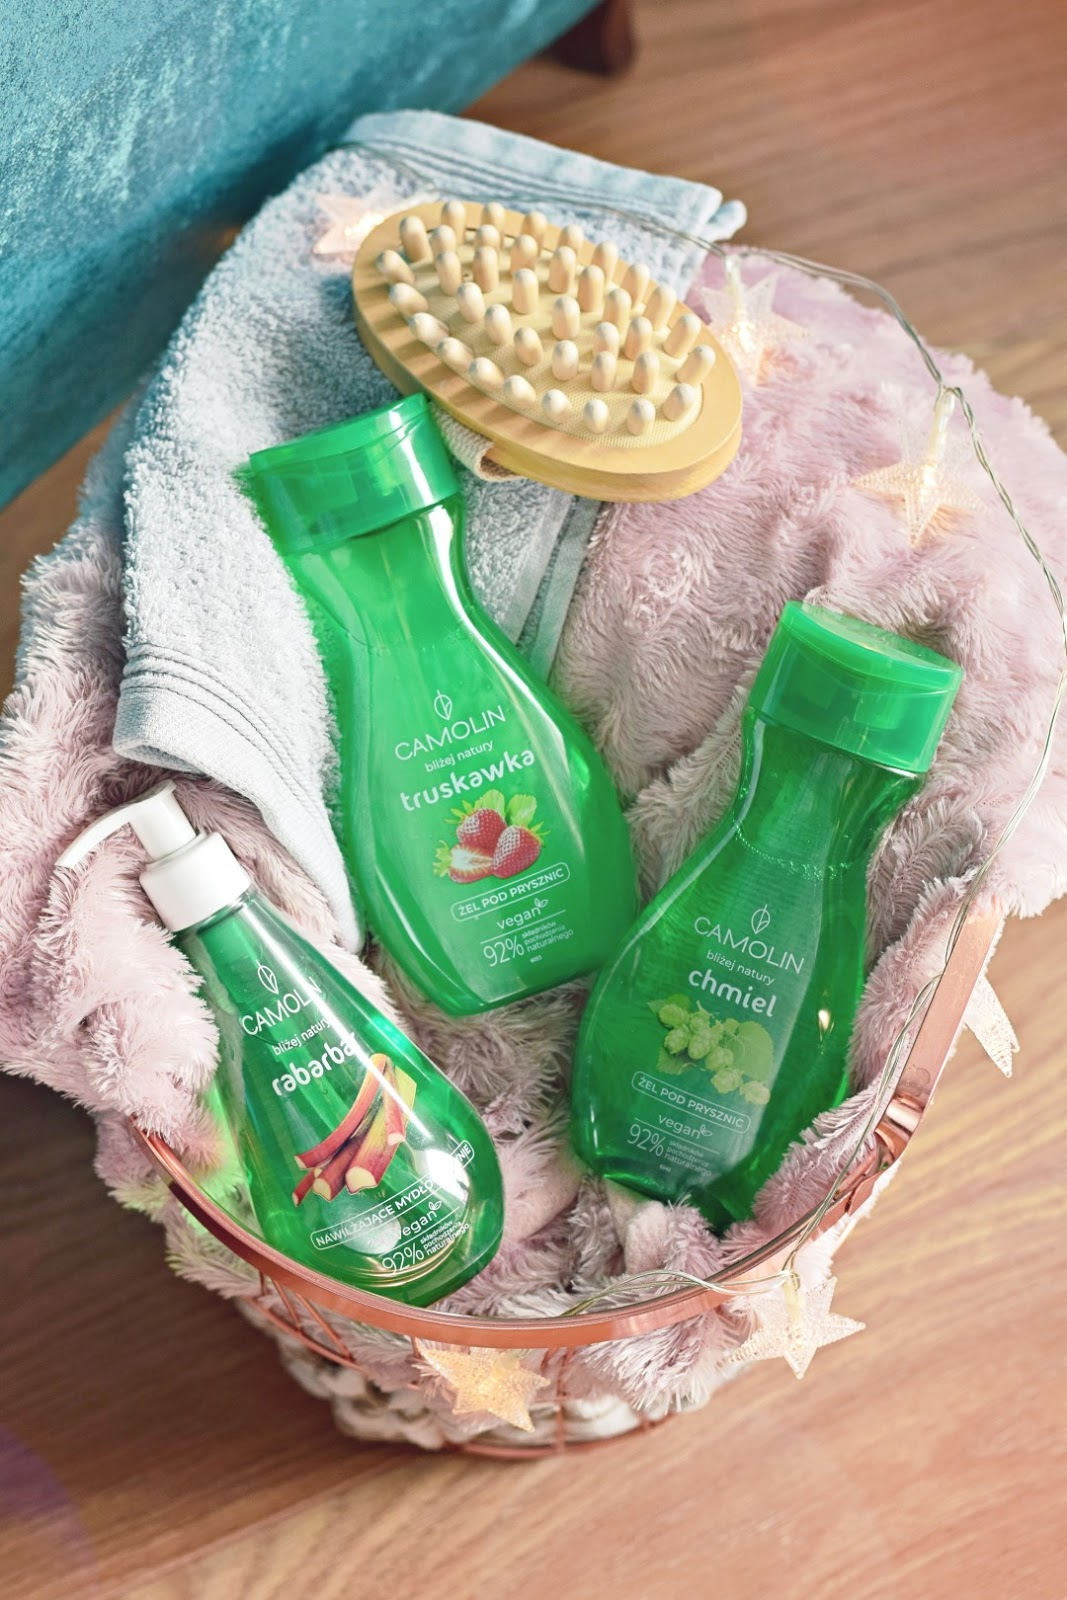 camolin_żel_pod_prysznic_mydło_w_płynie_kosmetyki_wegańskie